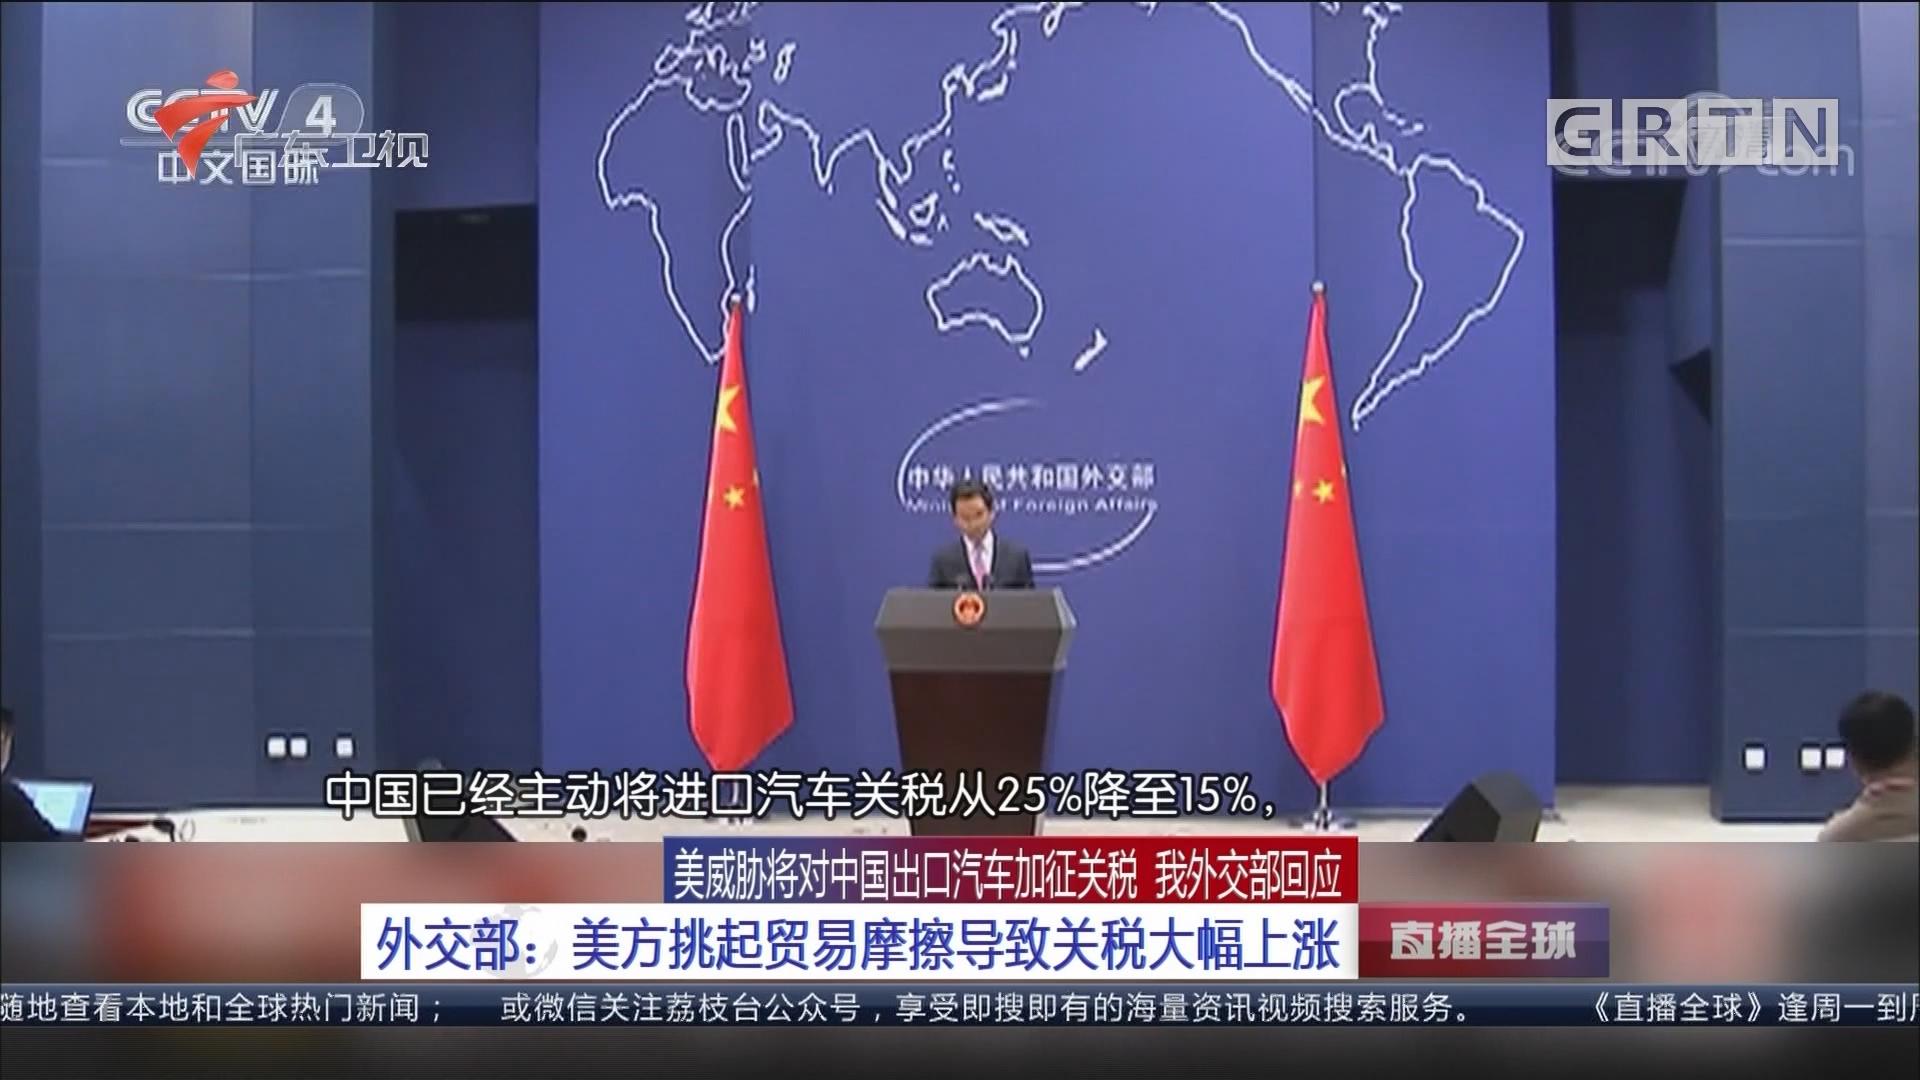 美威胁将对中国出口汽车加征关税 我外交部回应 外交部:美方挑起贸易摩擦导致关税大幅上涨